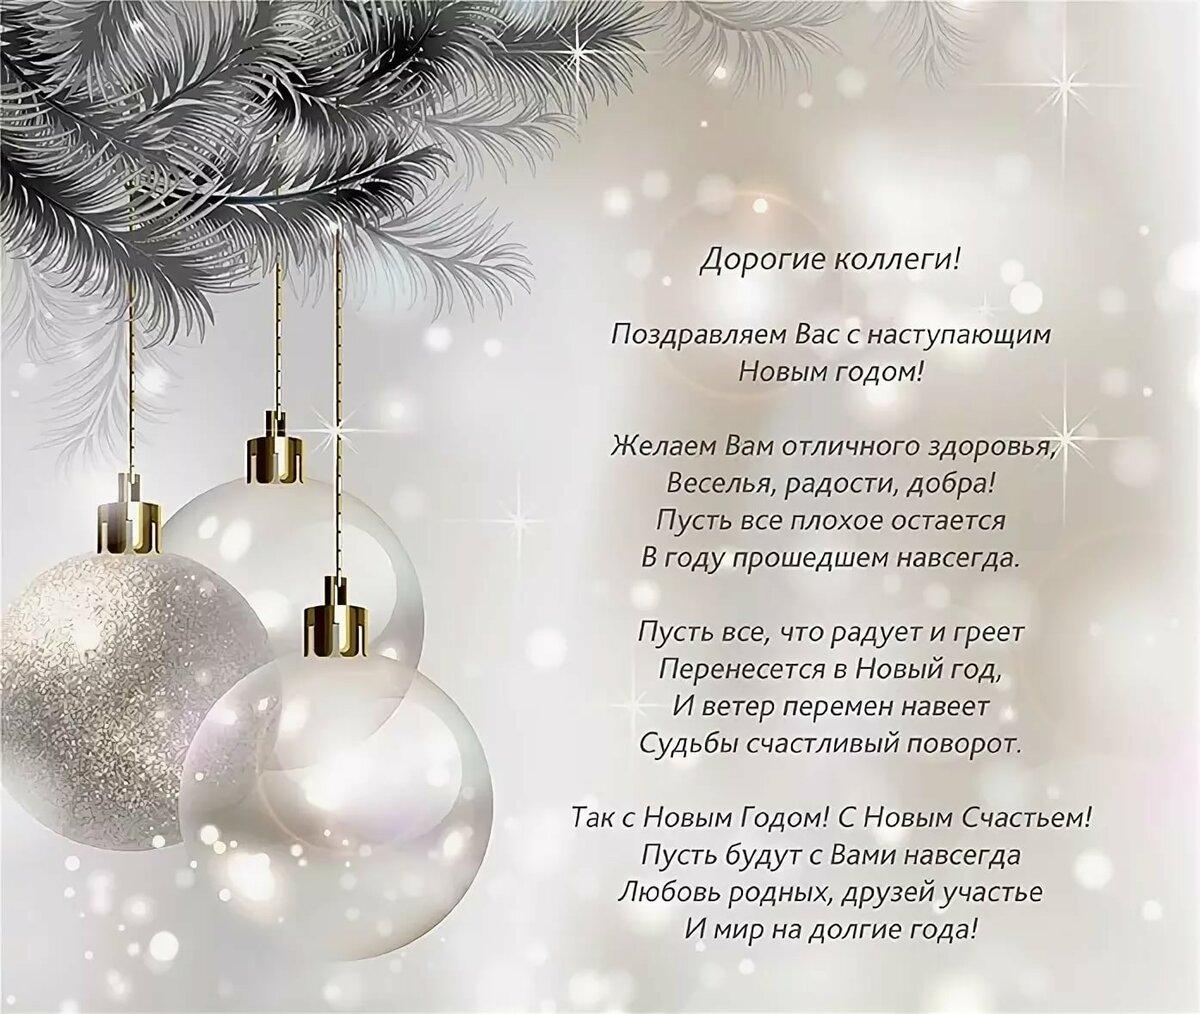 Мая делаем, открытка к новому году для поздравления коллегам